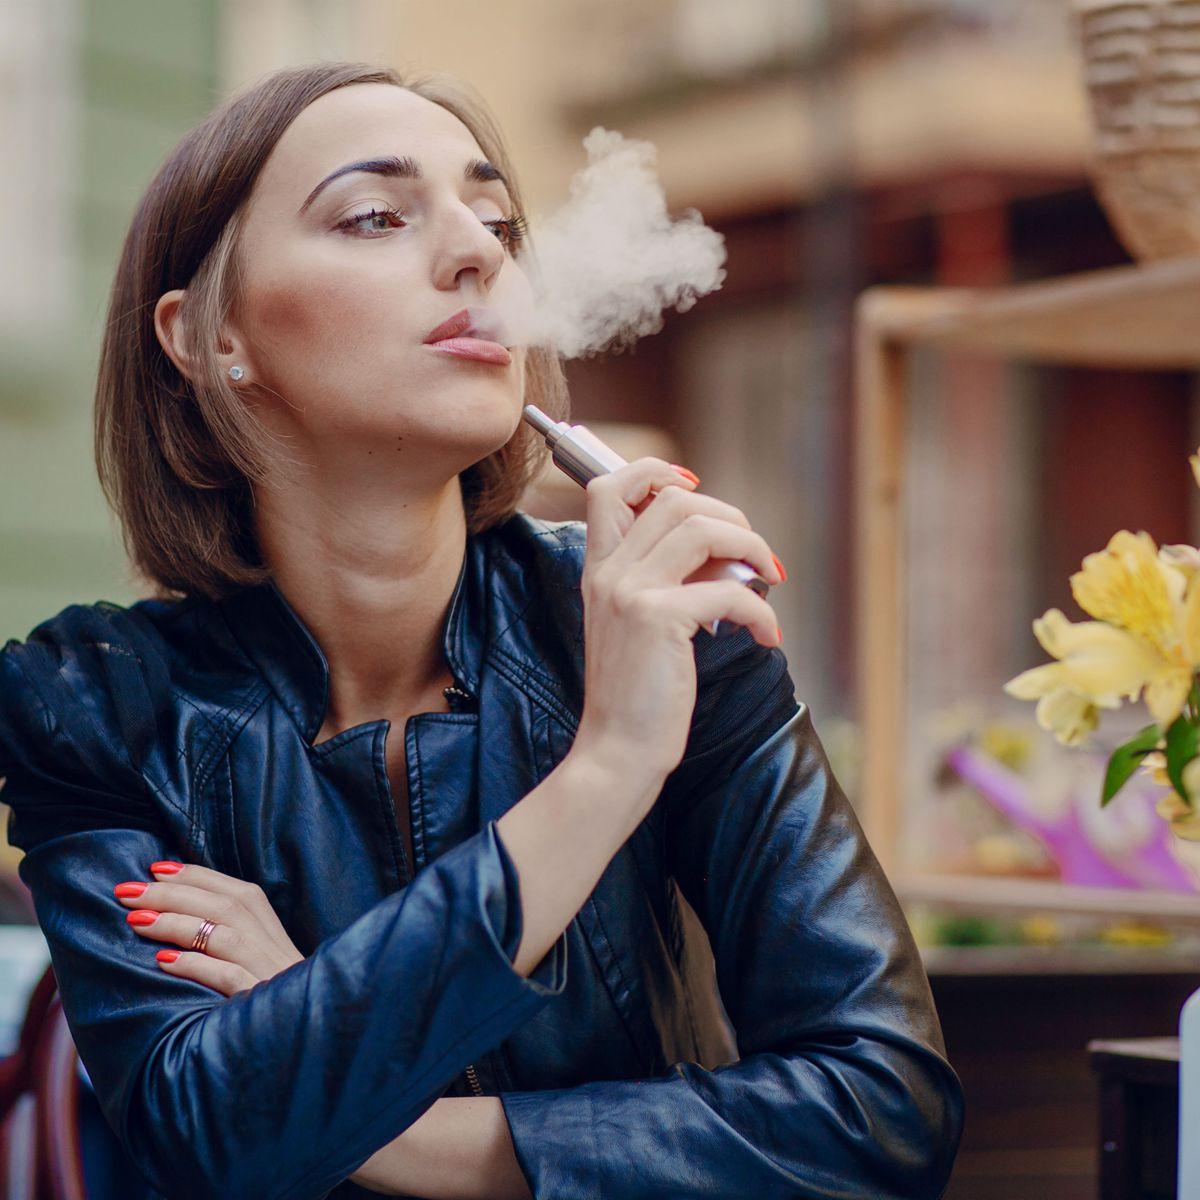 Cigarette électronique : est-ce possible de fumer la cigarette classique et de vapoter au même temps ?